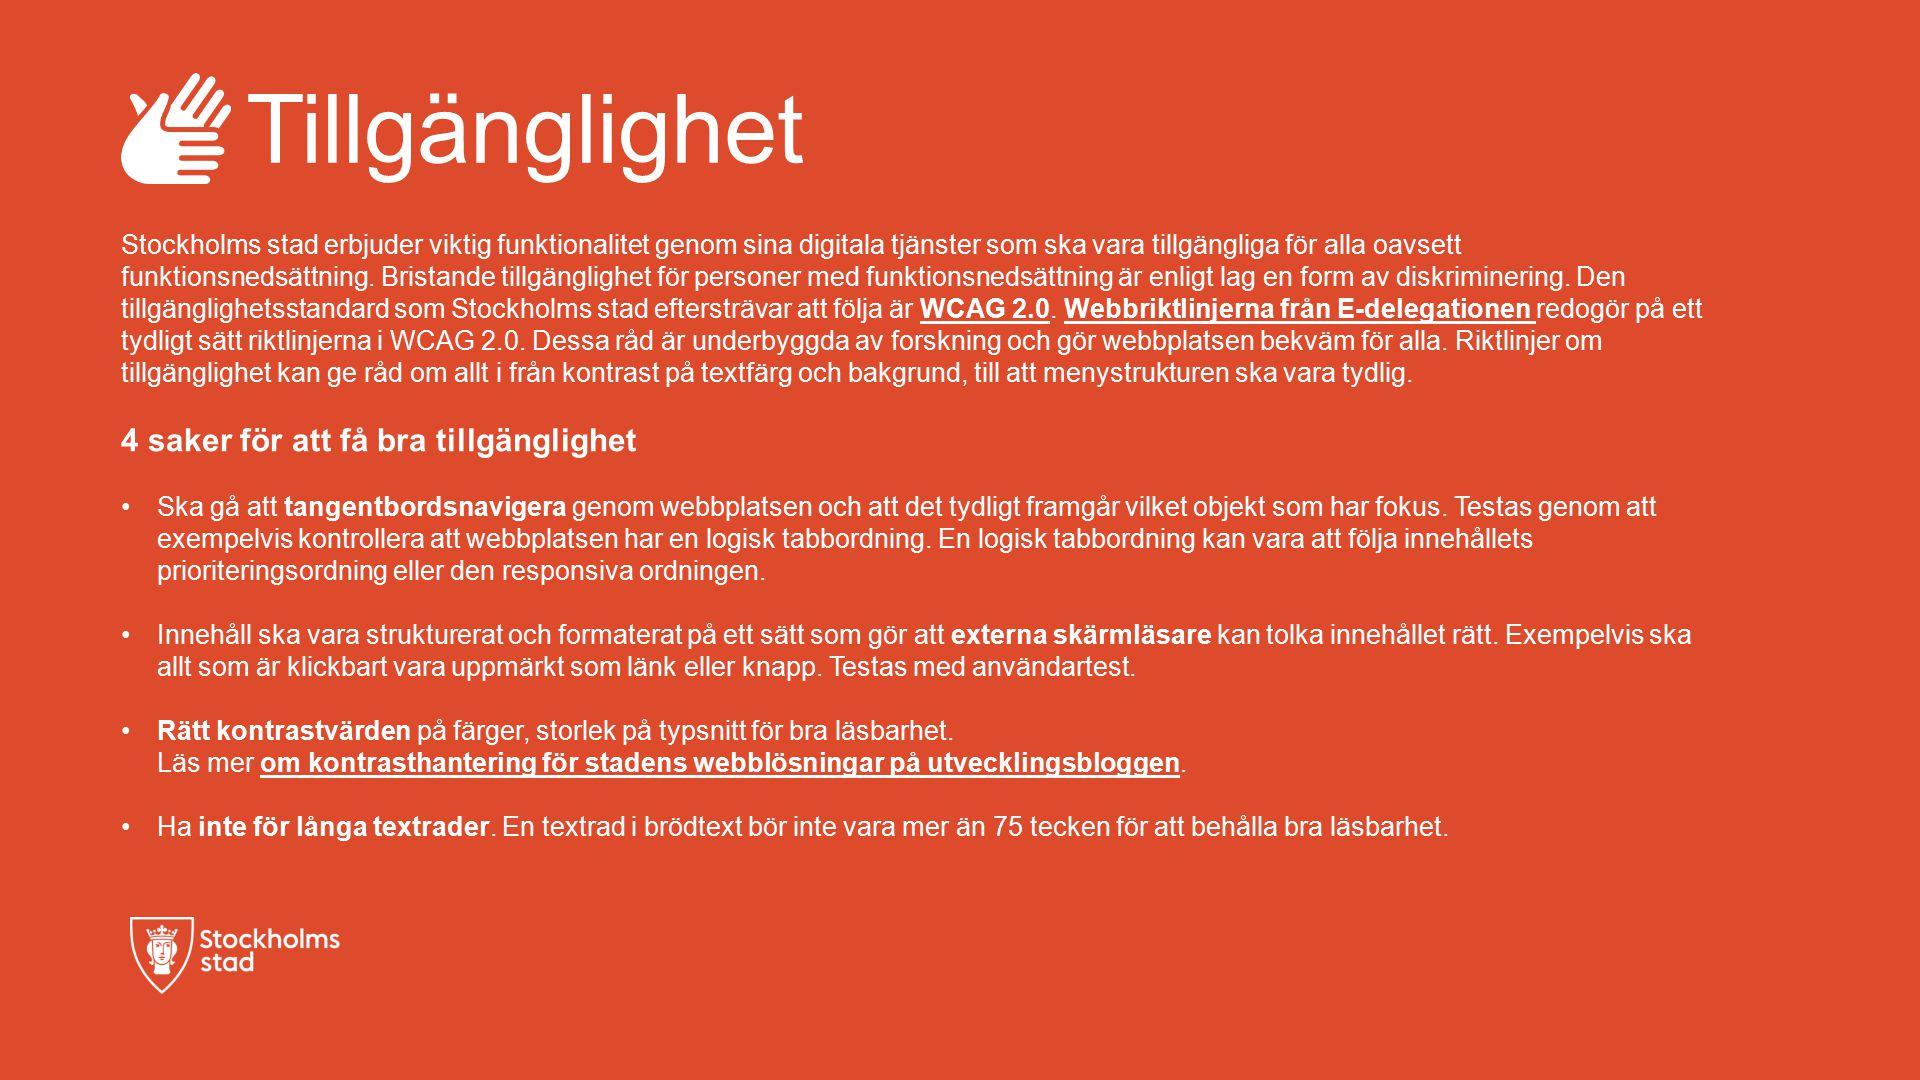 Tillgänglighet Stockholms stad erbjuder viktig funktionalitet genom sina digitala tjänster som ska vara tillgängliga för alla oavsett funktionsnedsättning.